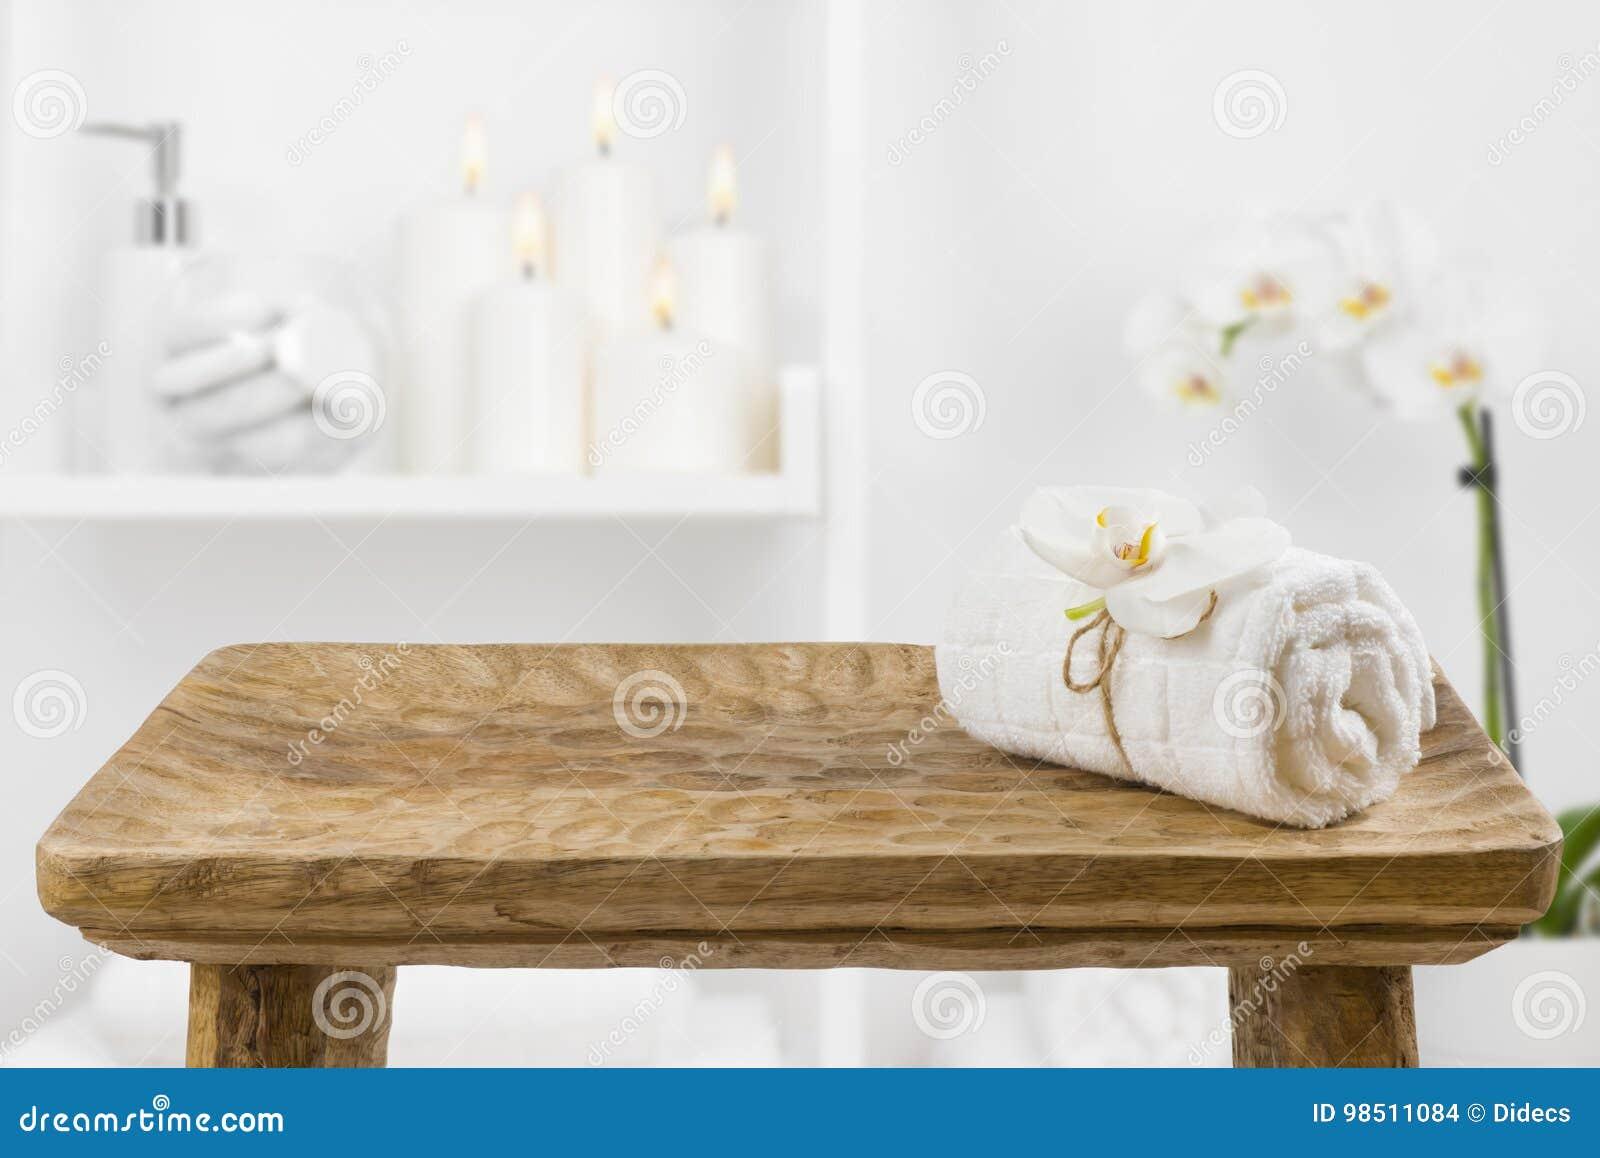 与温泉毛巾的木桌在被弄脏的卫生间架子背景